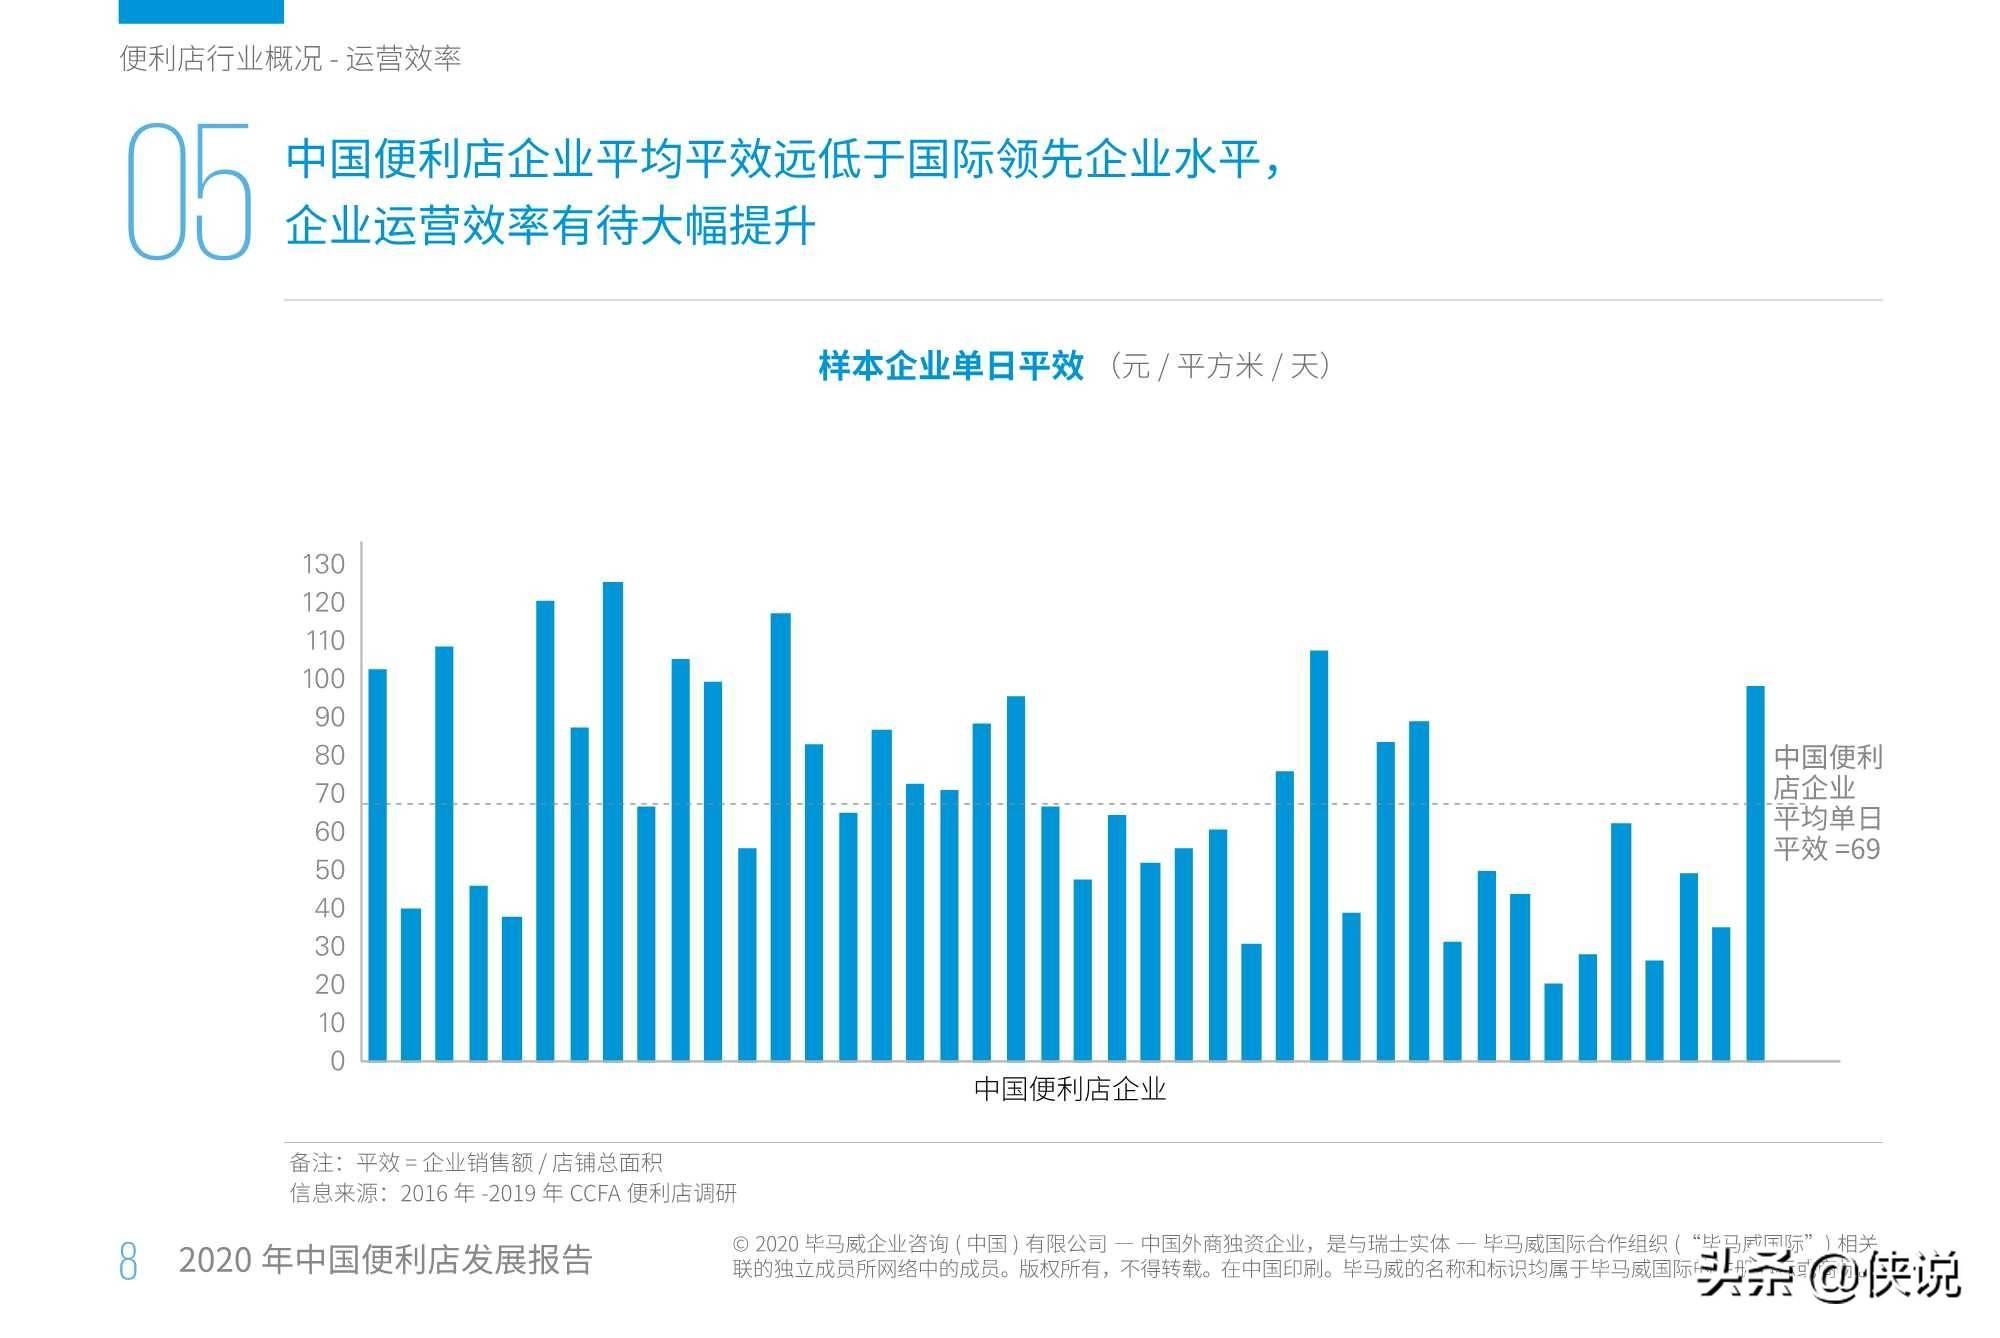 天涯论坛中国2020人均gdp预测_中国人均GDP什么时候会超过美国(3)